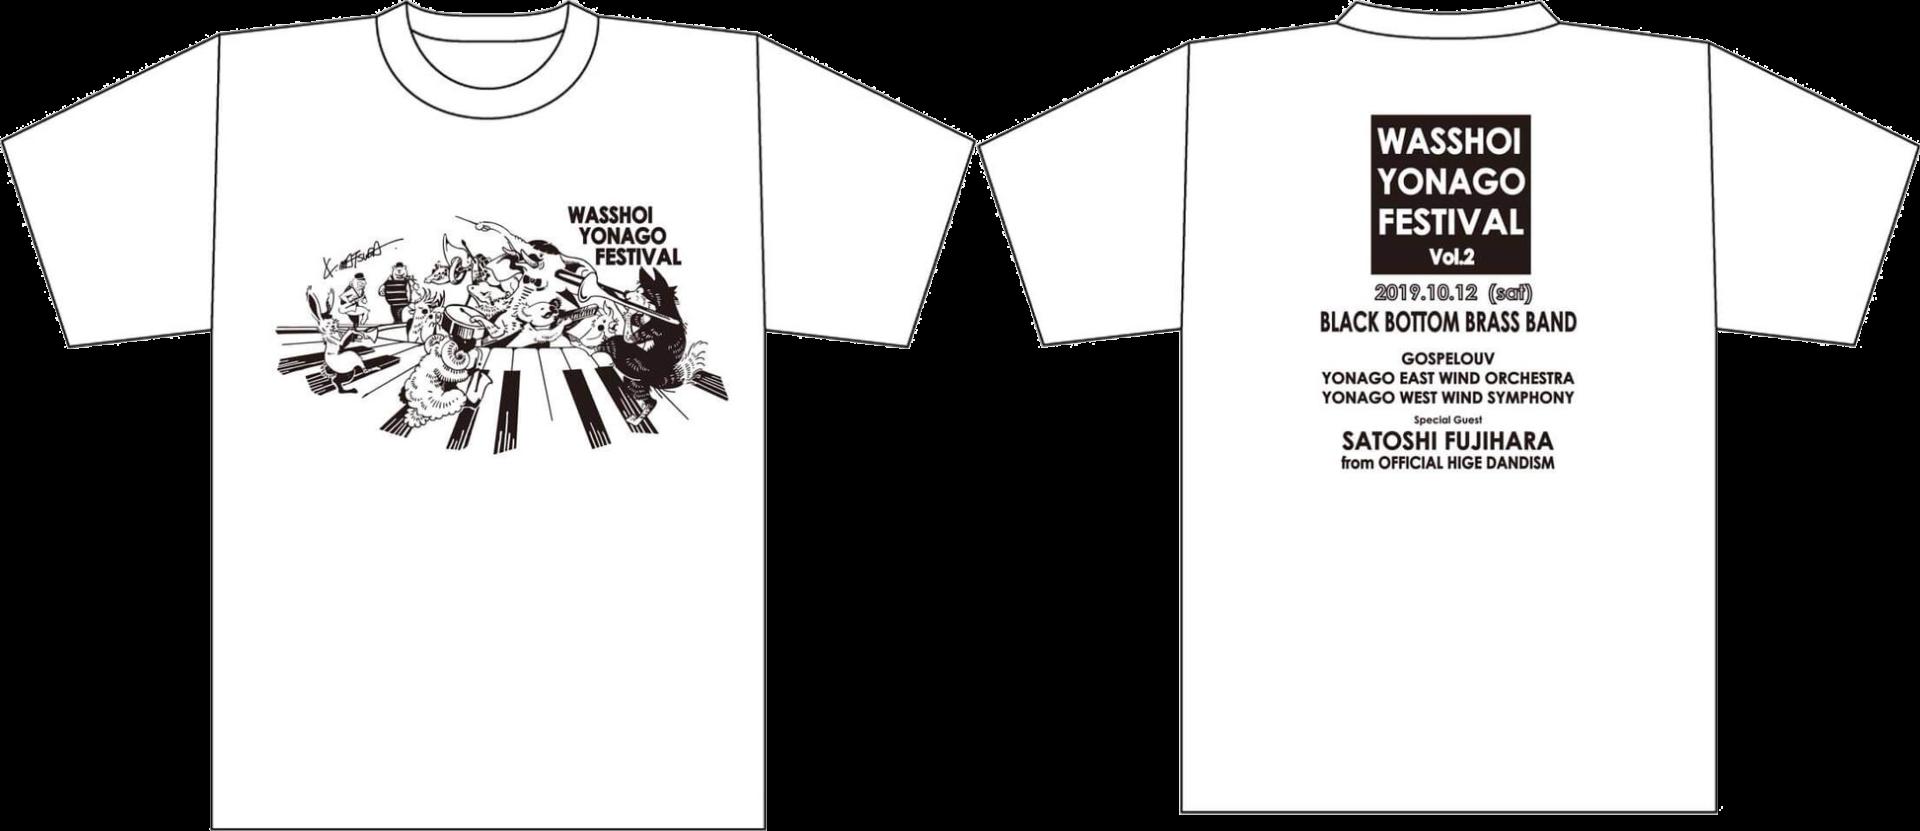 わっしょい米子祭りTシャツデザインサンプル